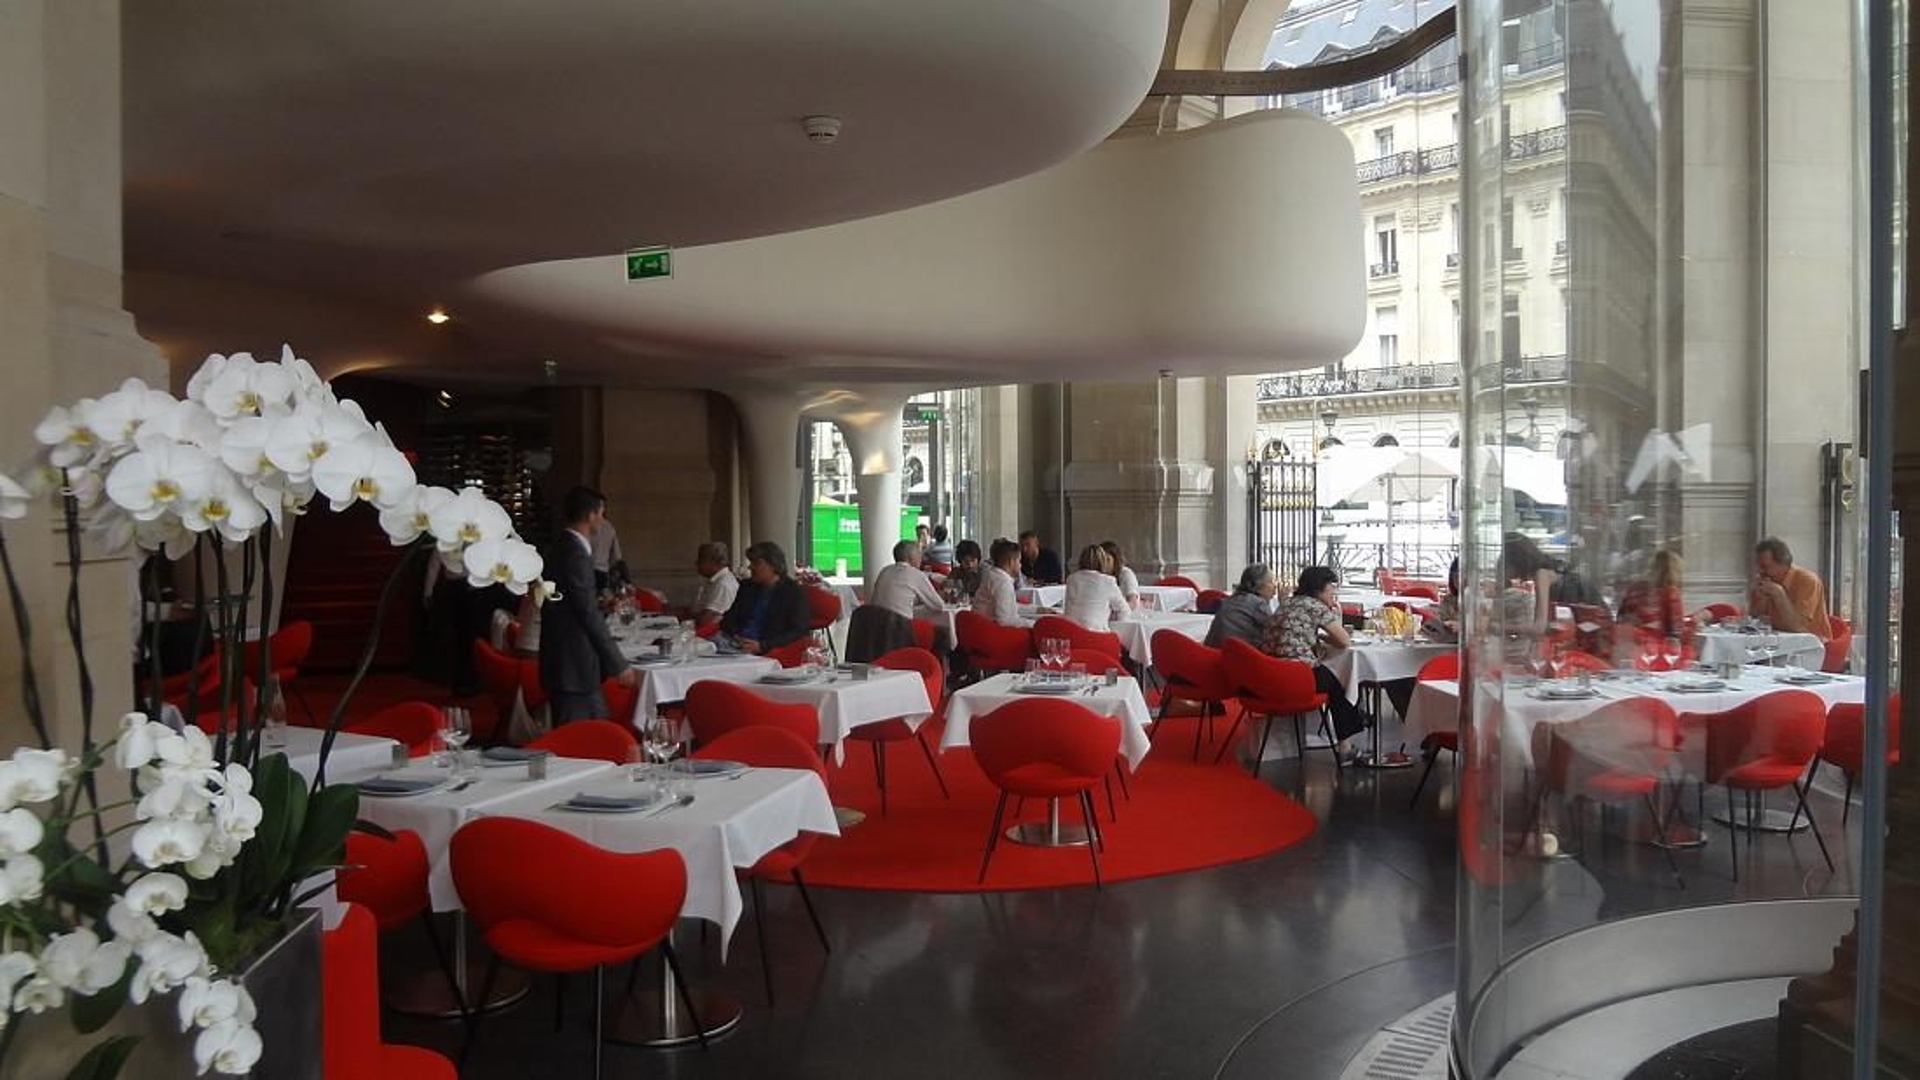 L 39 op ra restaurant au palais garnier restaurant paris 9e for Restaurant la salle a manger paris